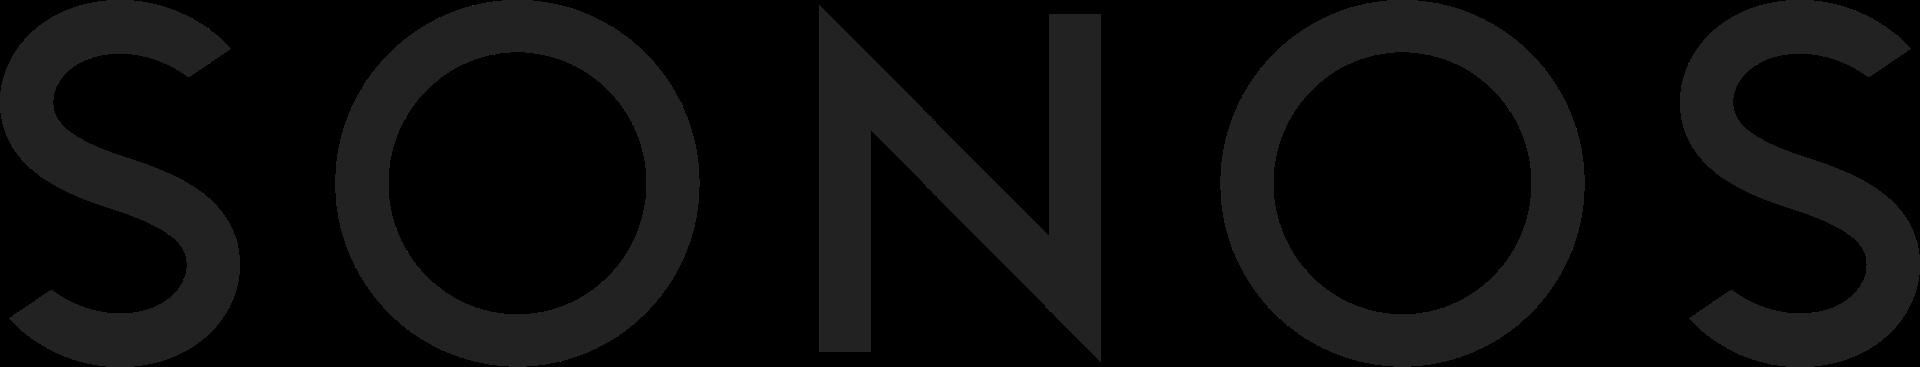 Sonos logo - apparaten te koop bij Expert